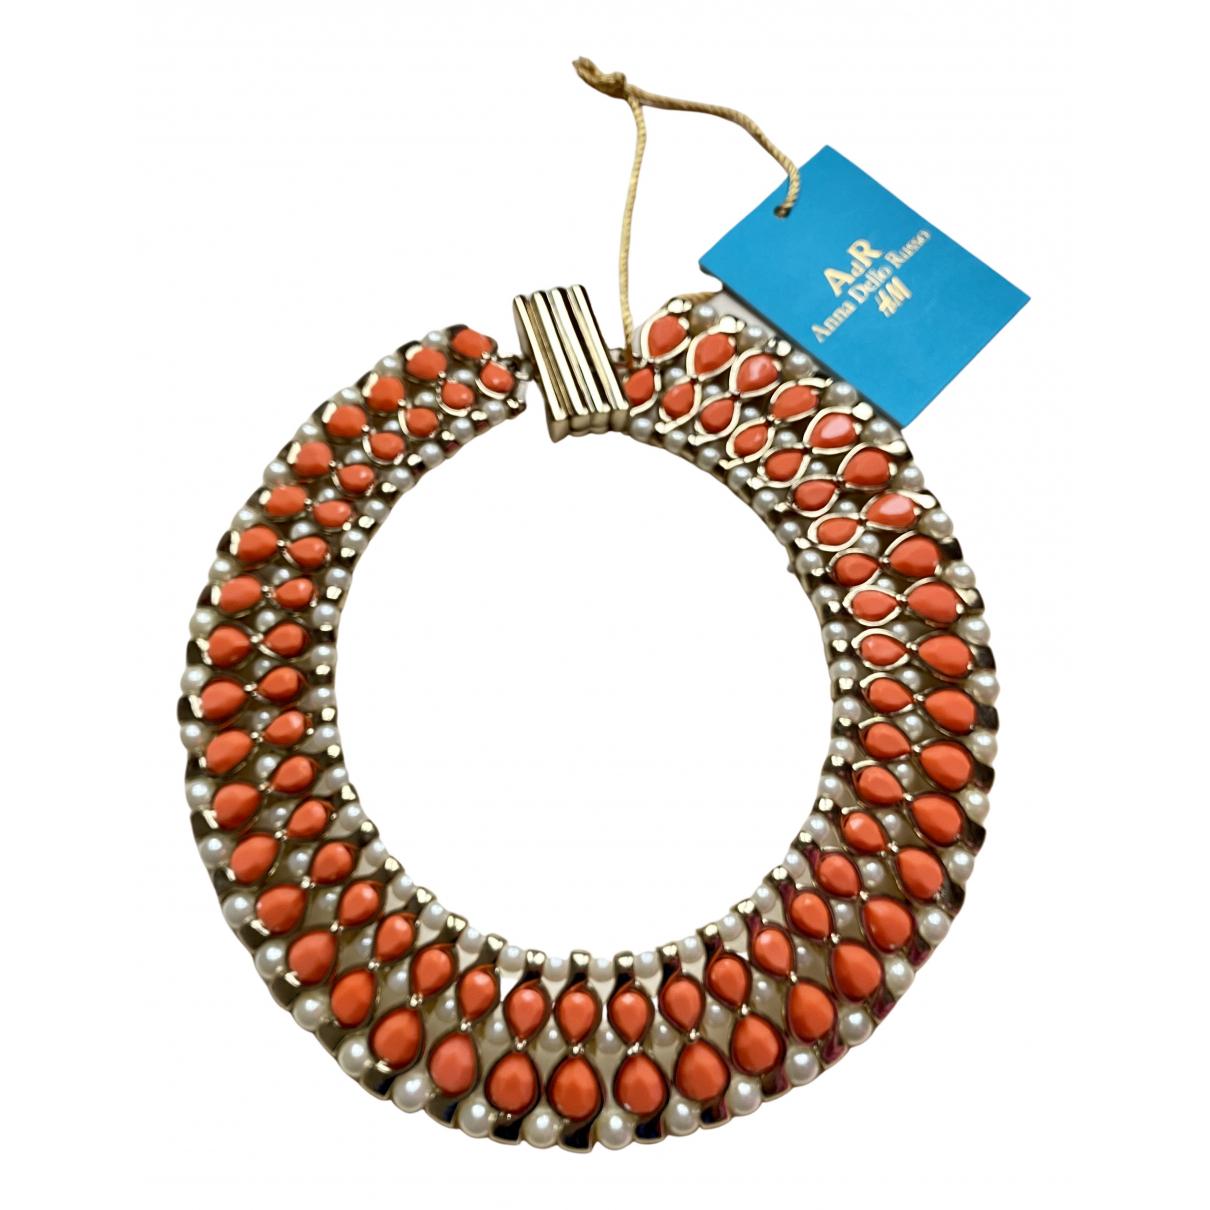 Collar de Perlas Anna Dello Russo Pour H&m